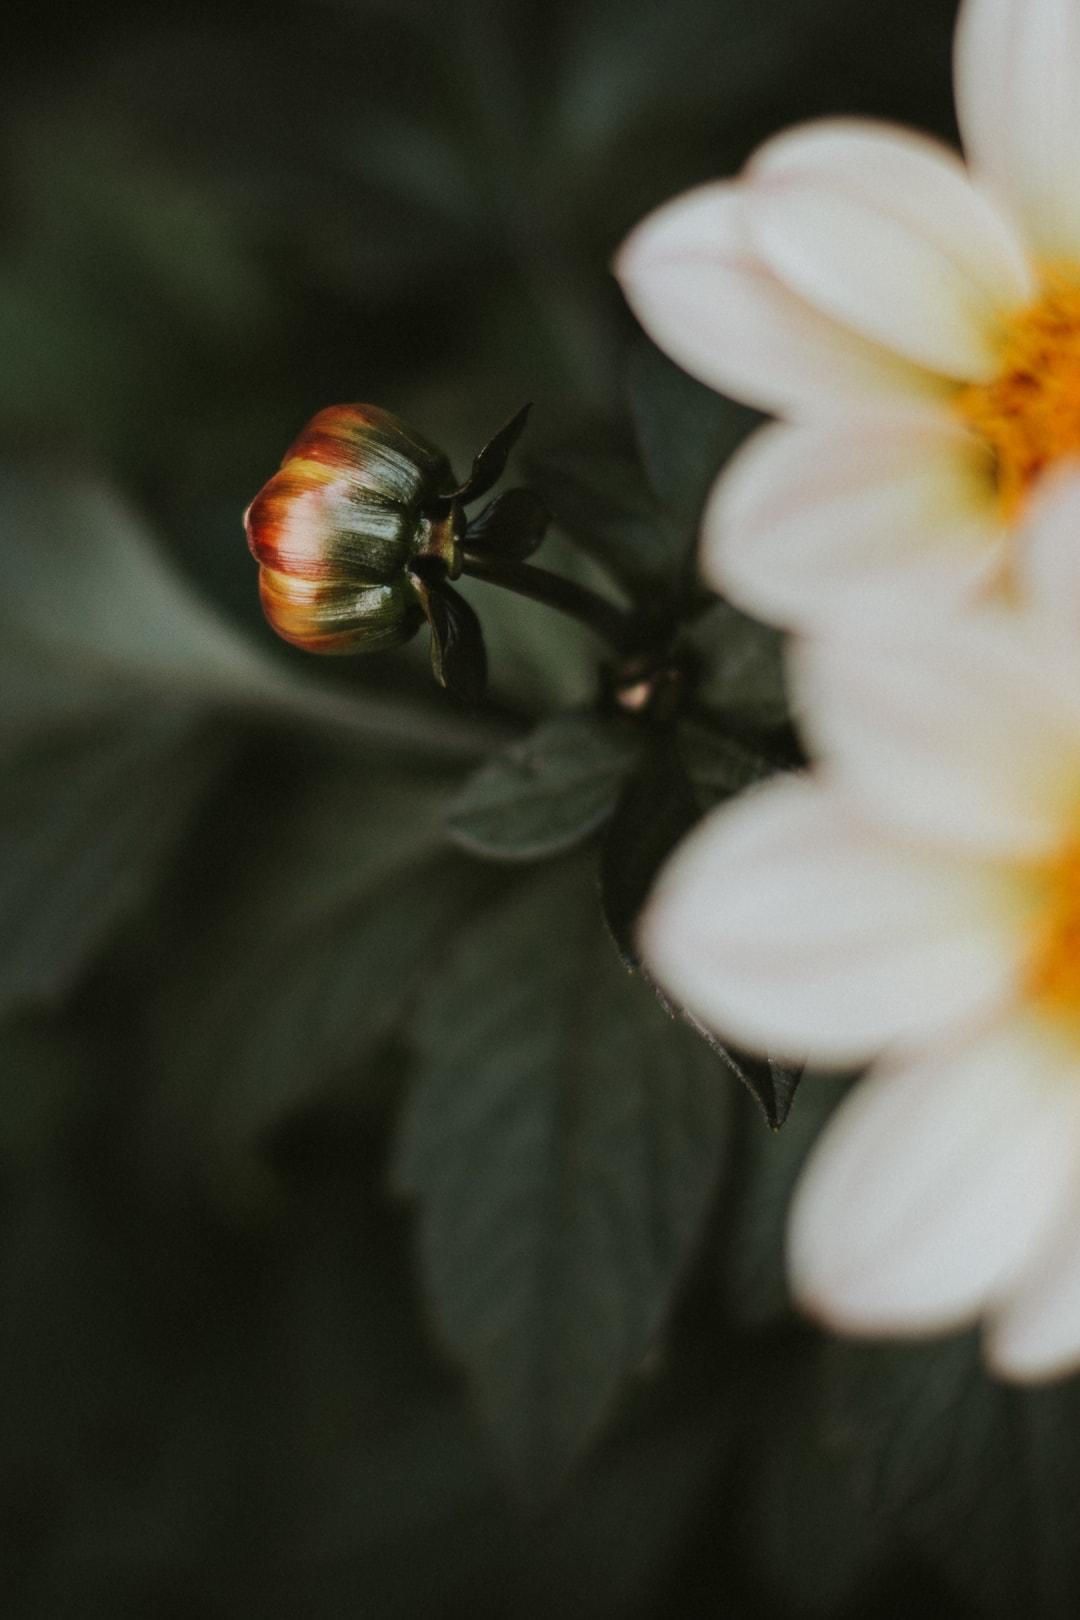 a closed bud from a dark leaf dahlia flower.